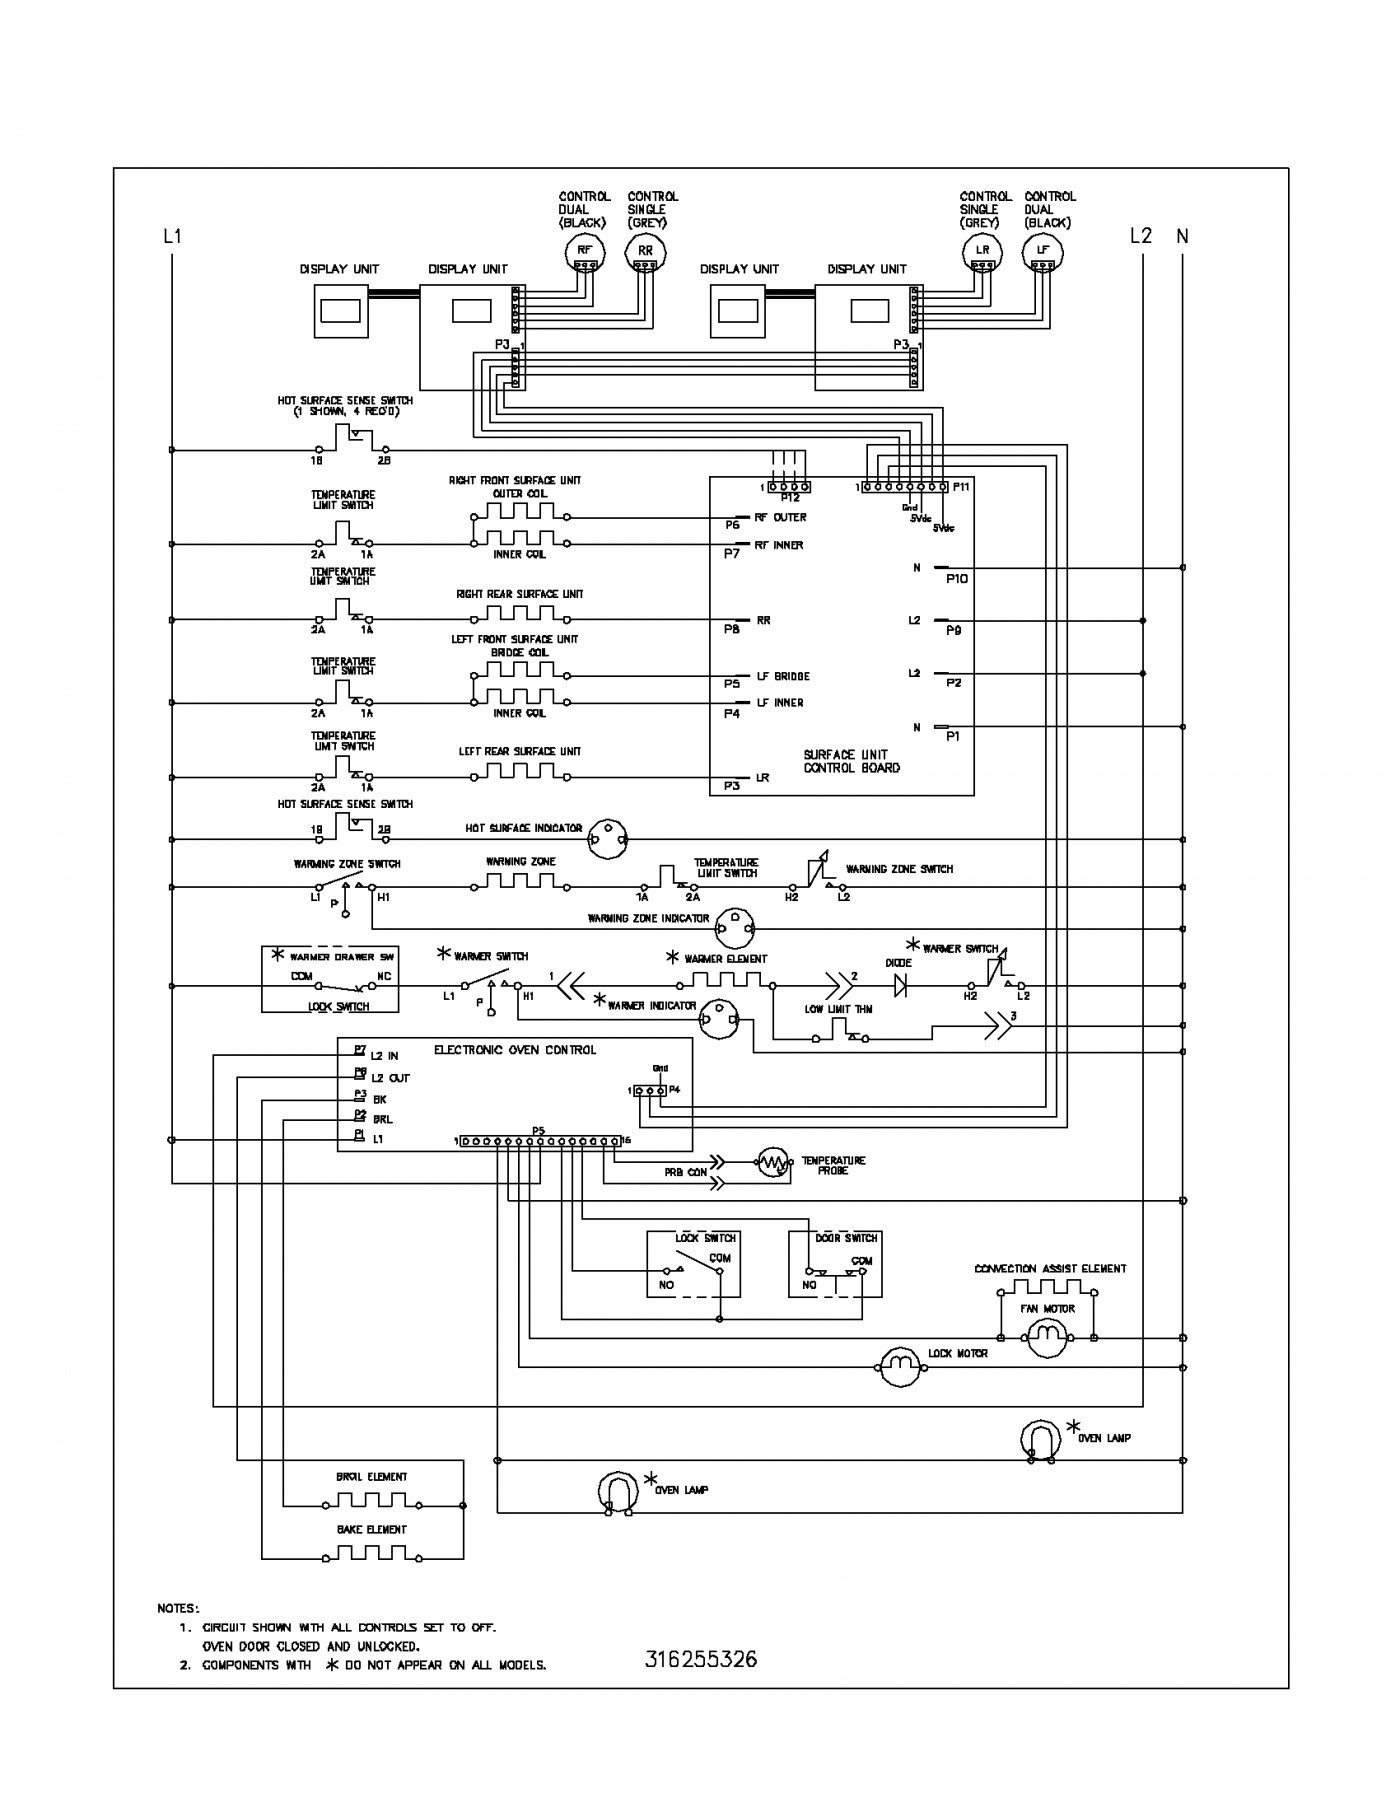 [DIAGRAM] Wayne Oil Transformer Wiring Diagram FULL